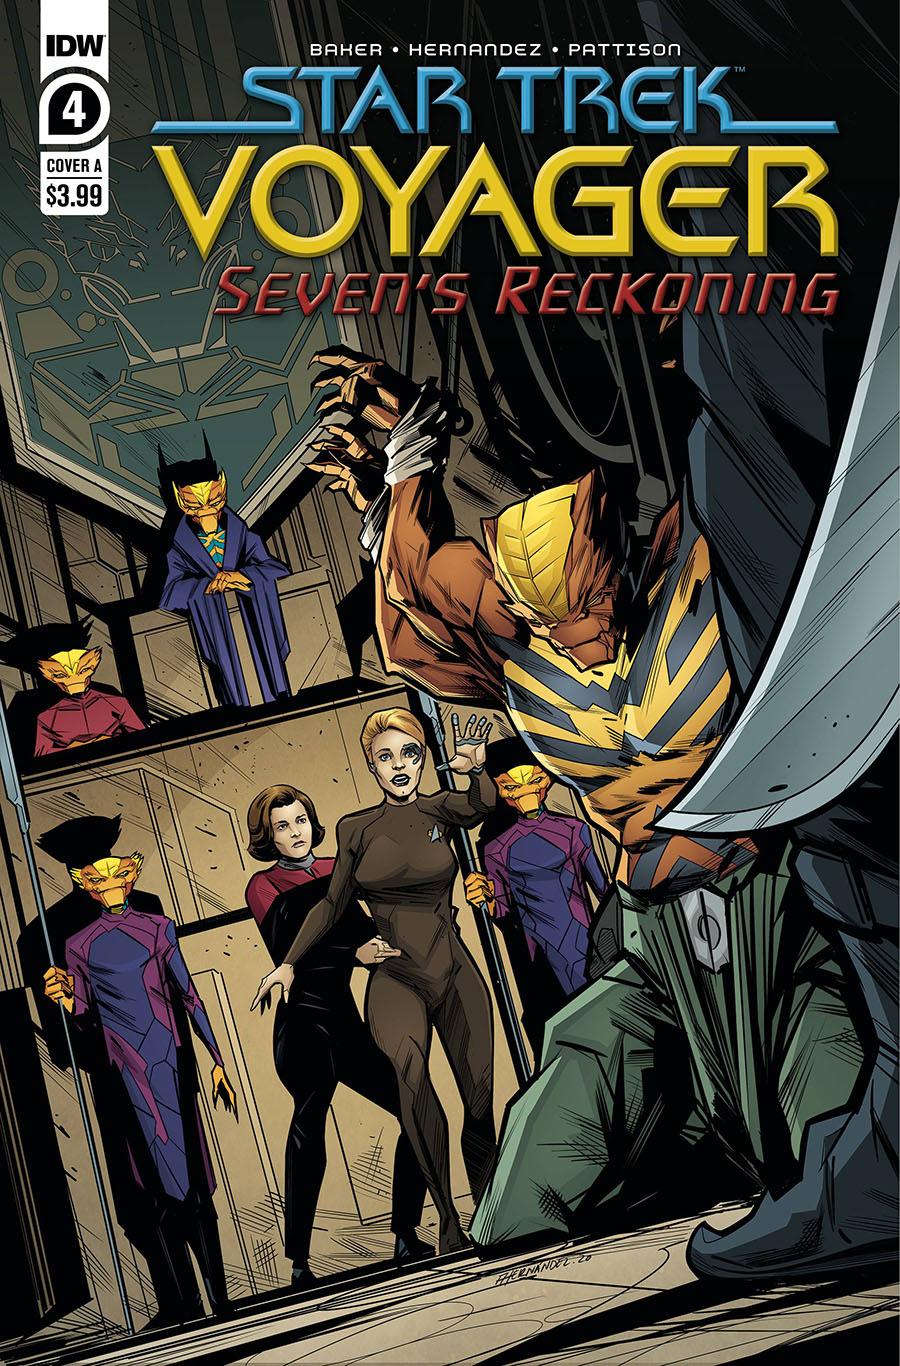 Star Trek Voyager Sevens Reckoning #4 Cover A Regular Angel Hernandez Cover